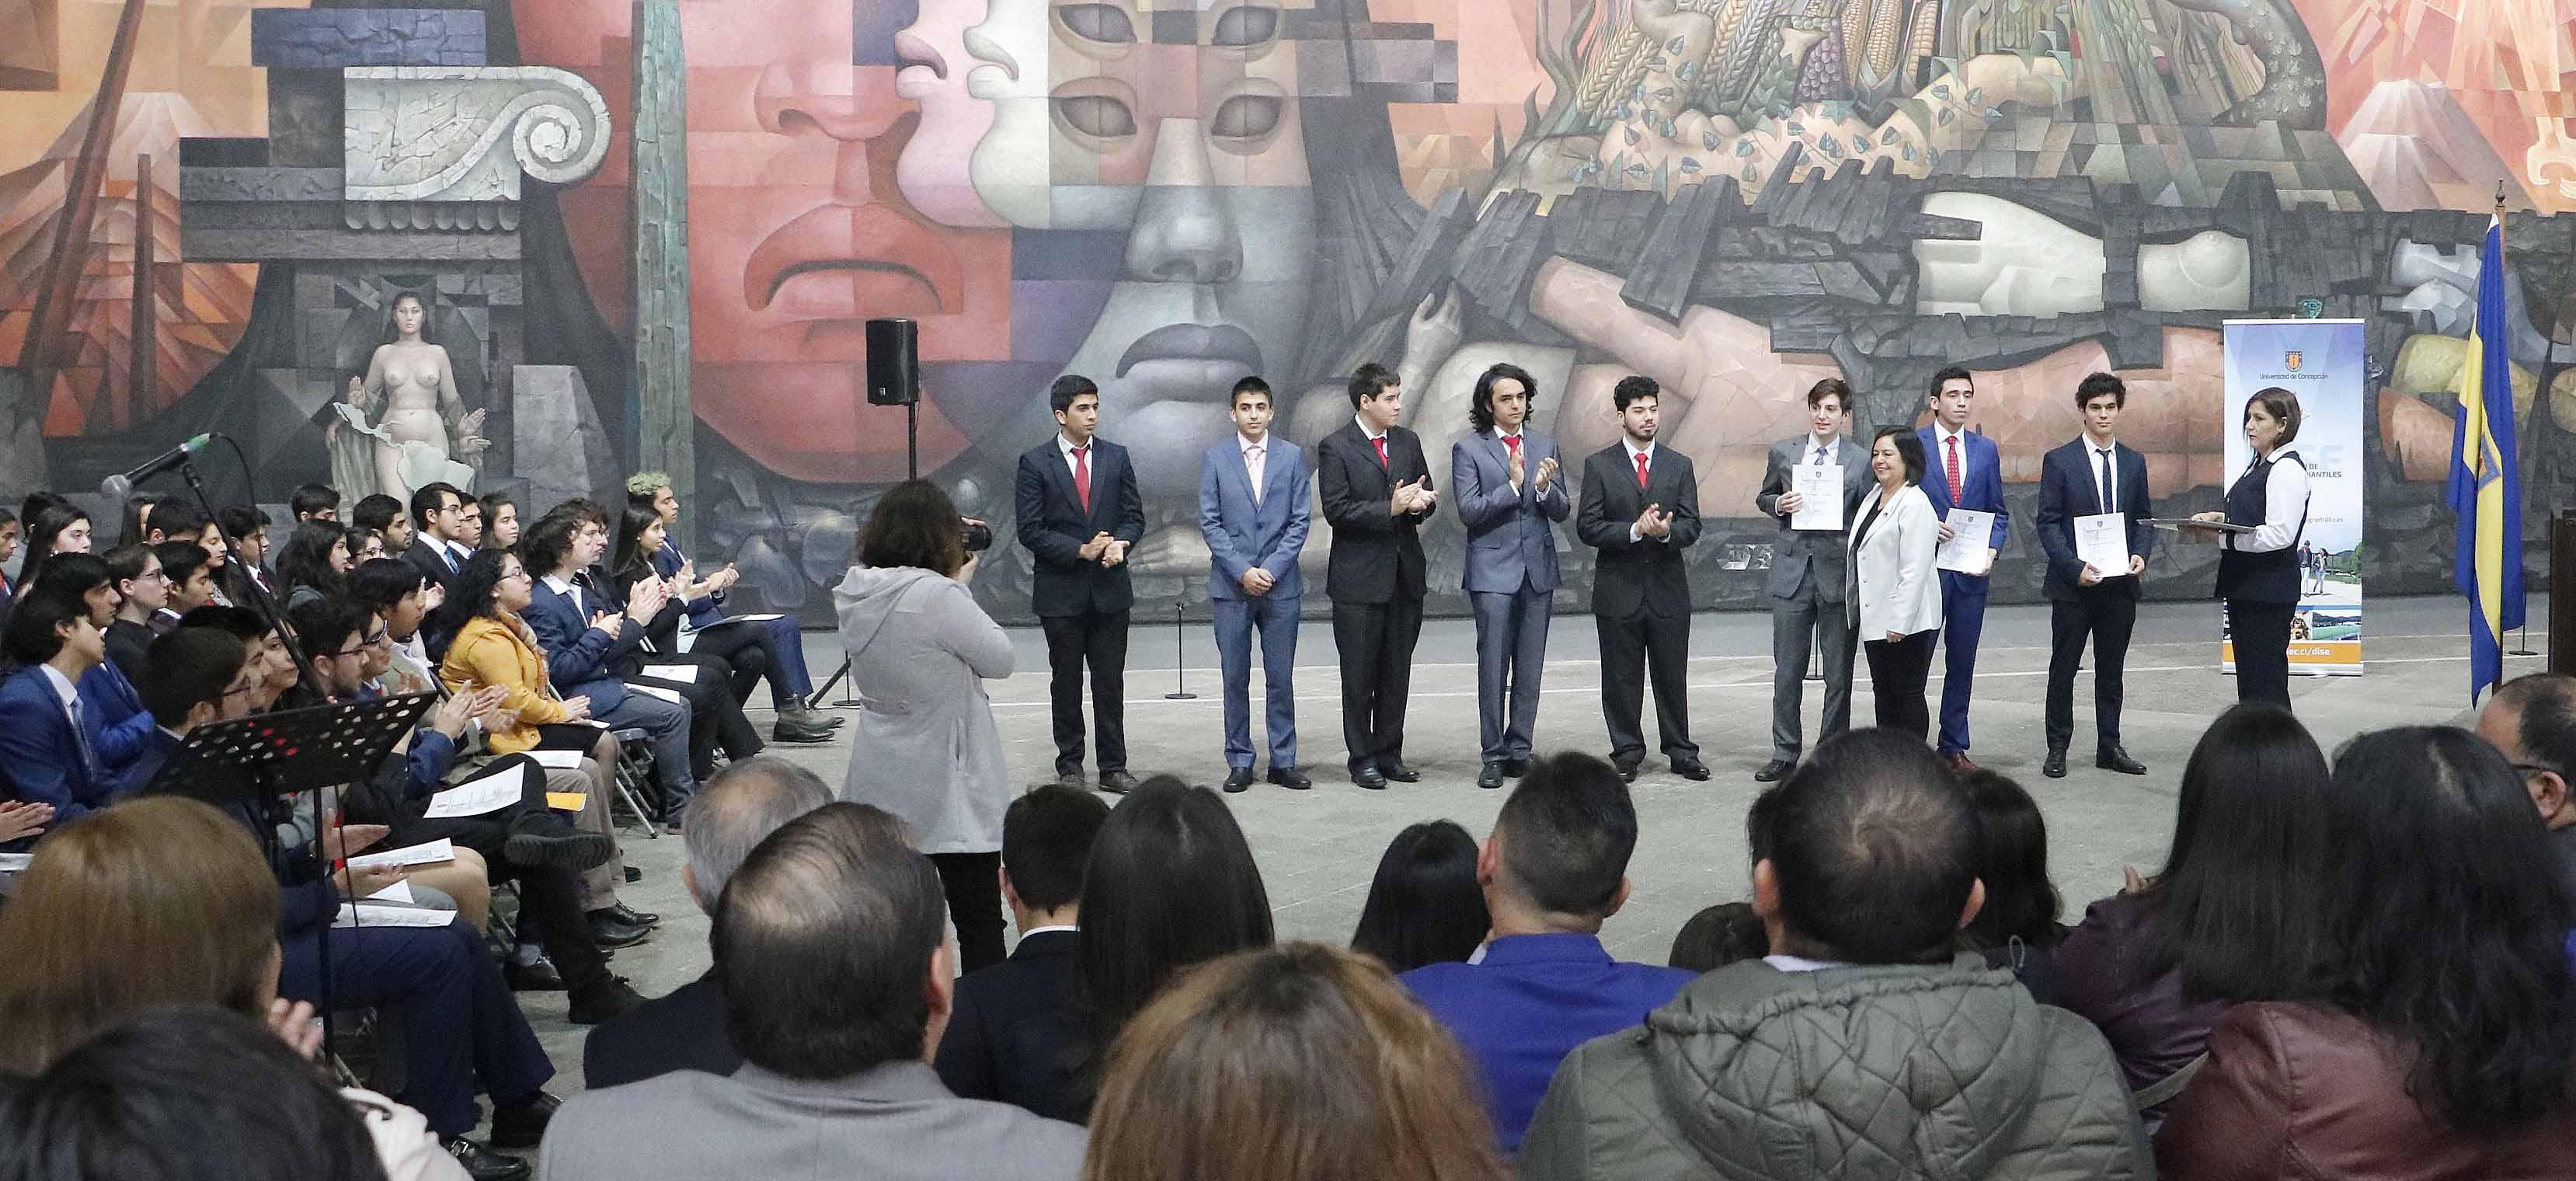 Jóvenes escolares de Ñuble desarrollan innovadoras tecnologías bajo el alero del Campus Chillán UdeC